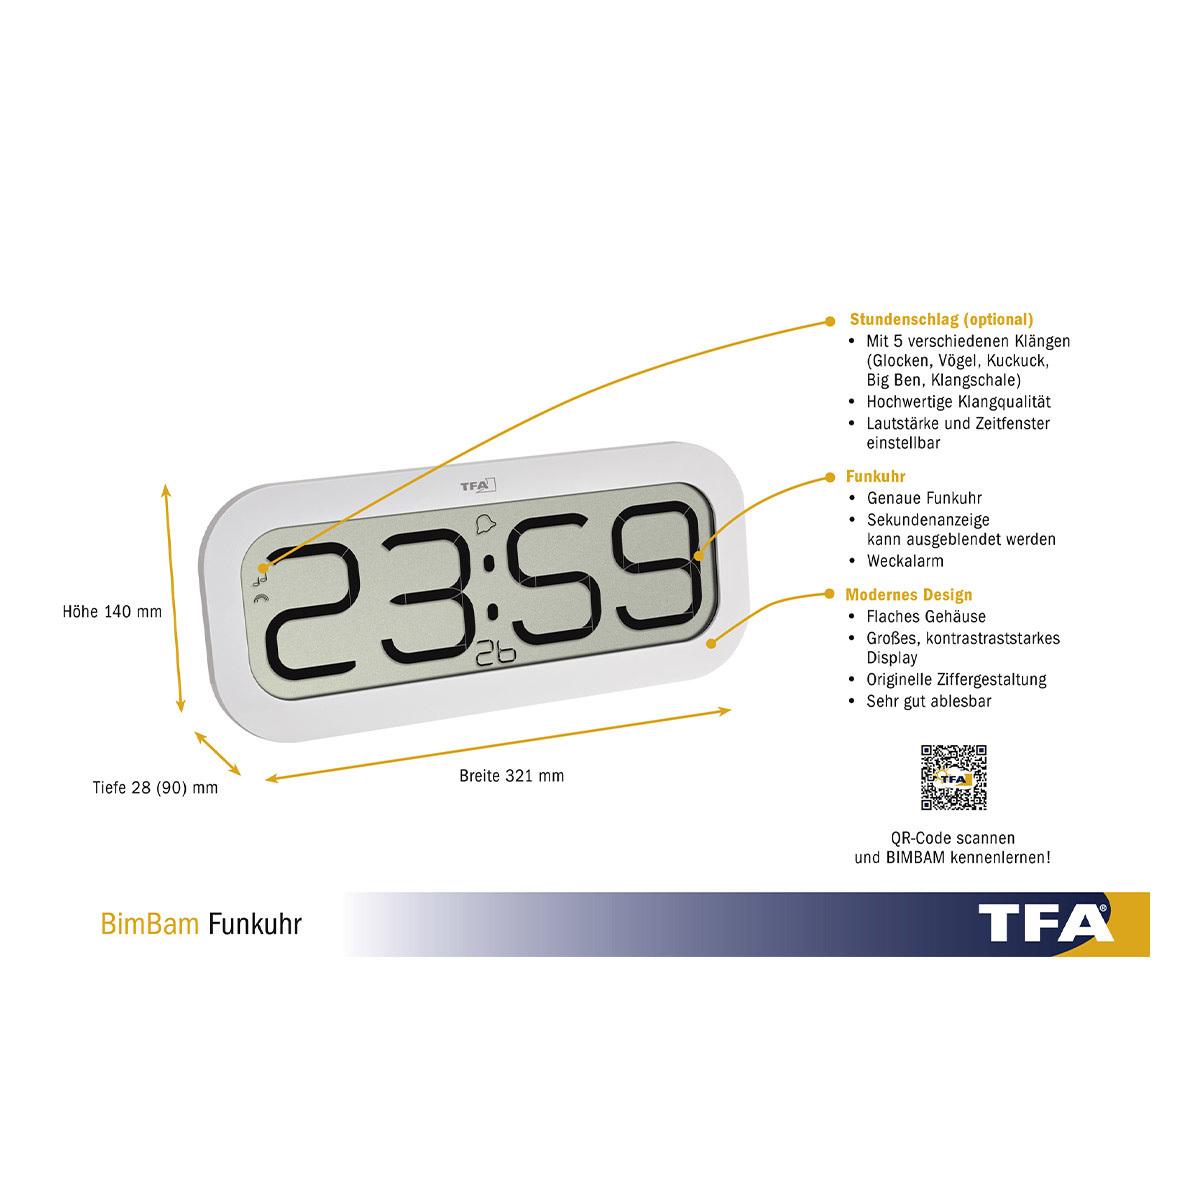 60-4514-02-digitale-funkuhr-mit-stundenschlag-bimbam-abmessungen-1200x1200px.jpg